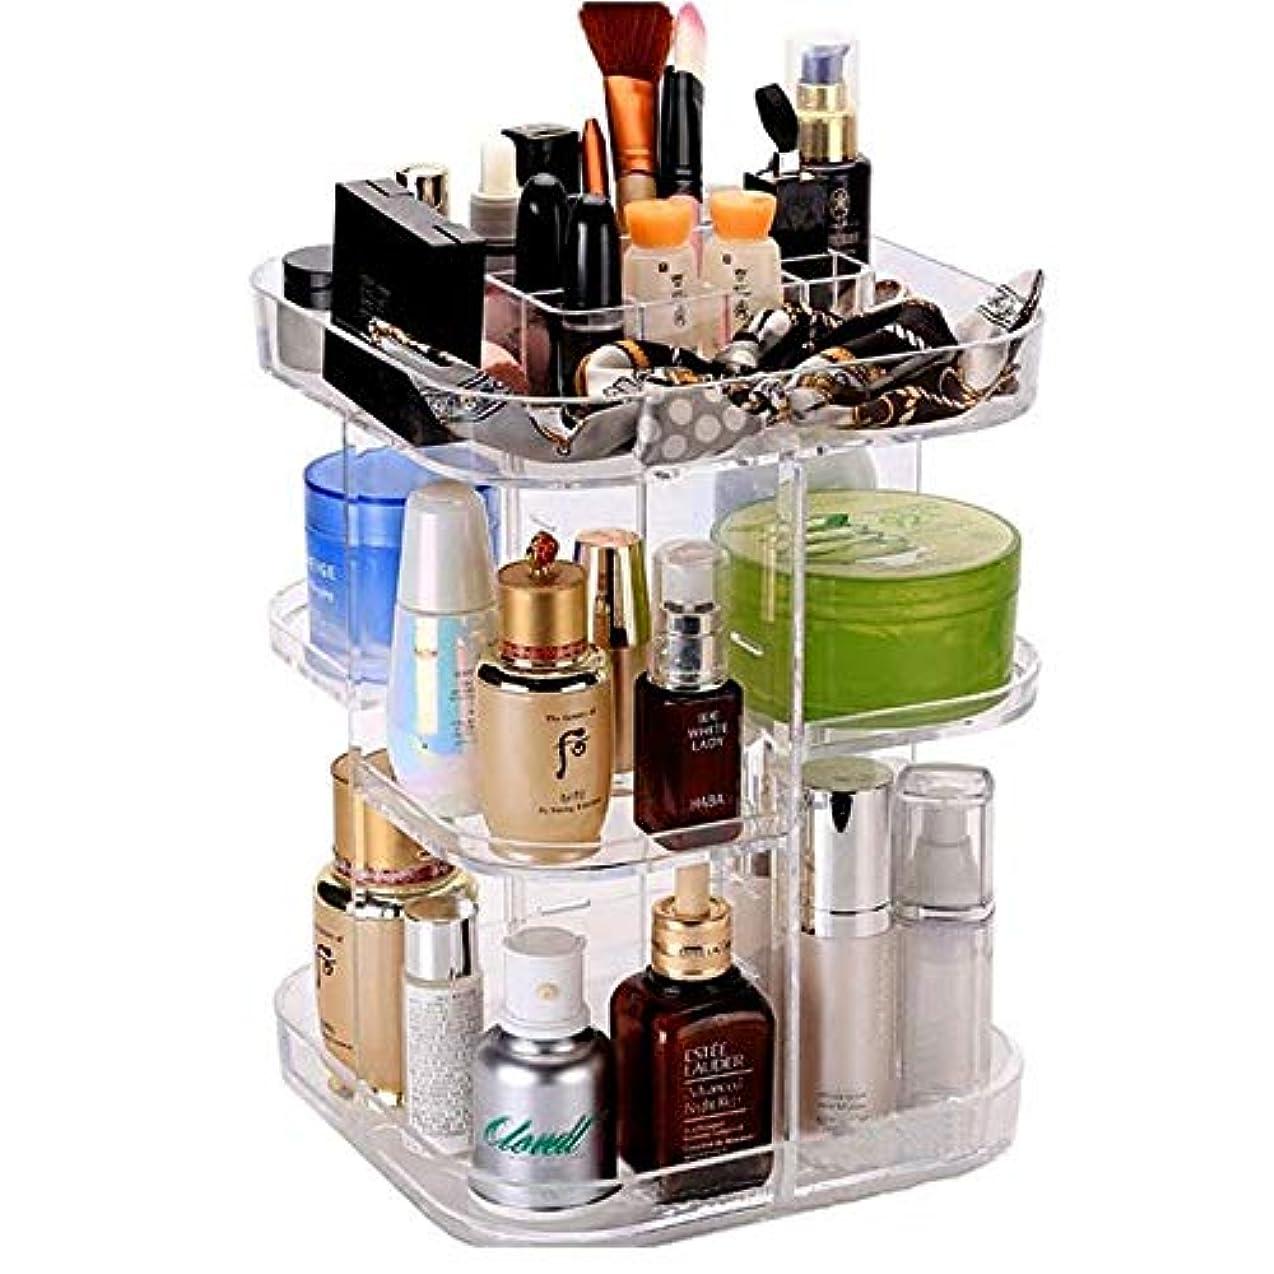 緊張主人家事をする整理簡単 シンプル回転化粧オーガナイザー360回転メイクアップ収納最大容量ディスプレイスタンドボックス用ドレッサー寝室の浴室 (Color : Clear, Size : 22*22*32CM)